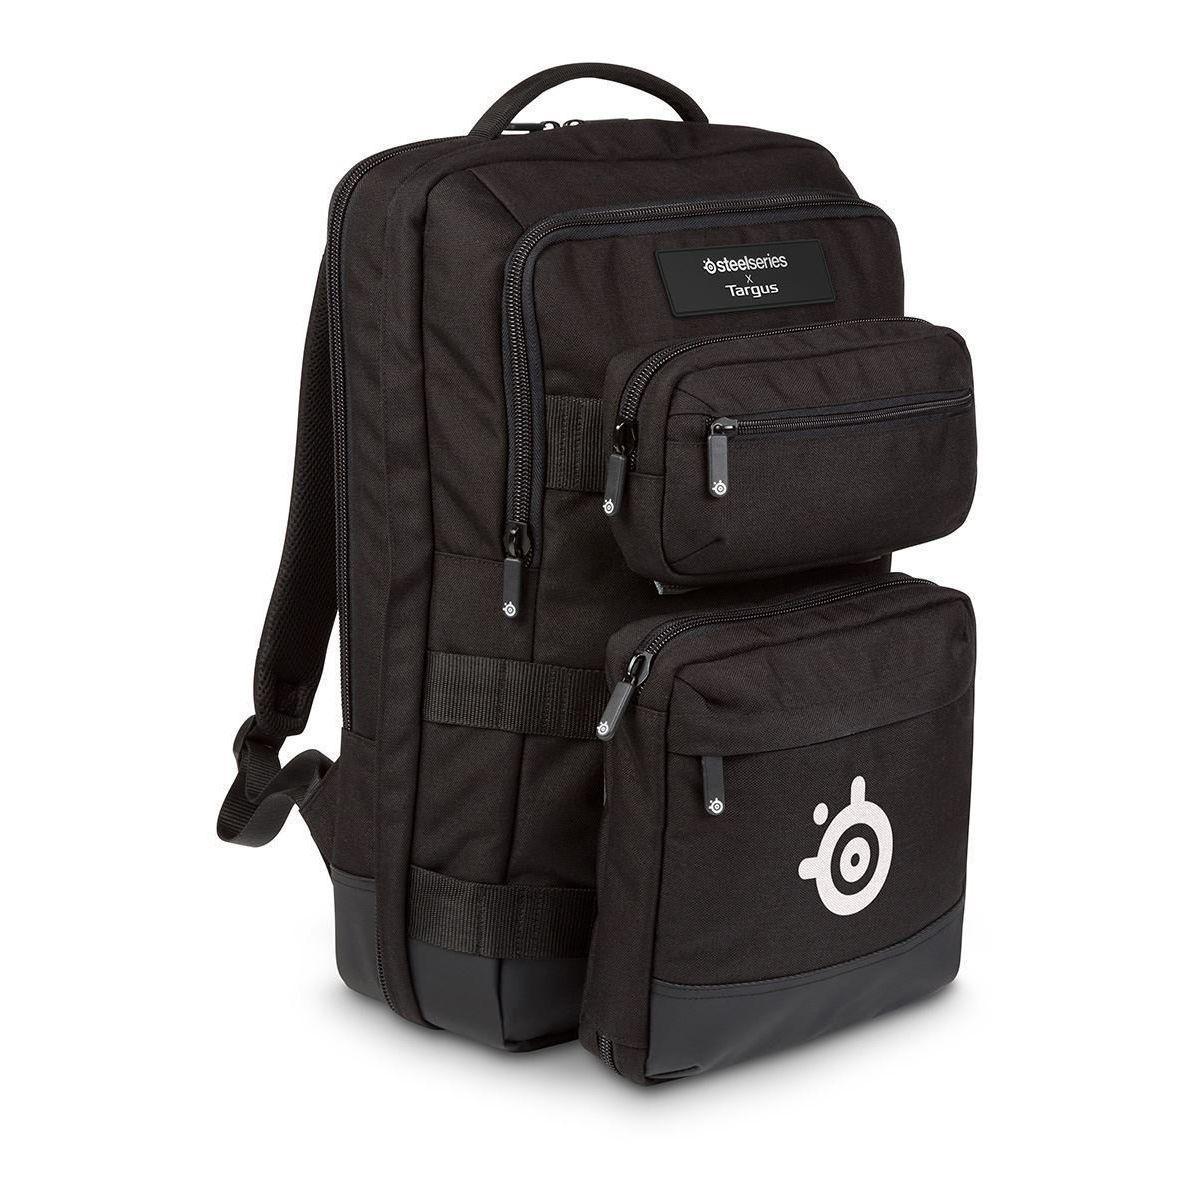 Sac � dos targus targus steelseries 17.3' backpack black - livraison offerte : code prem